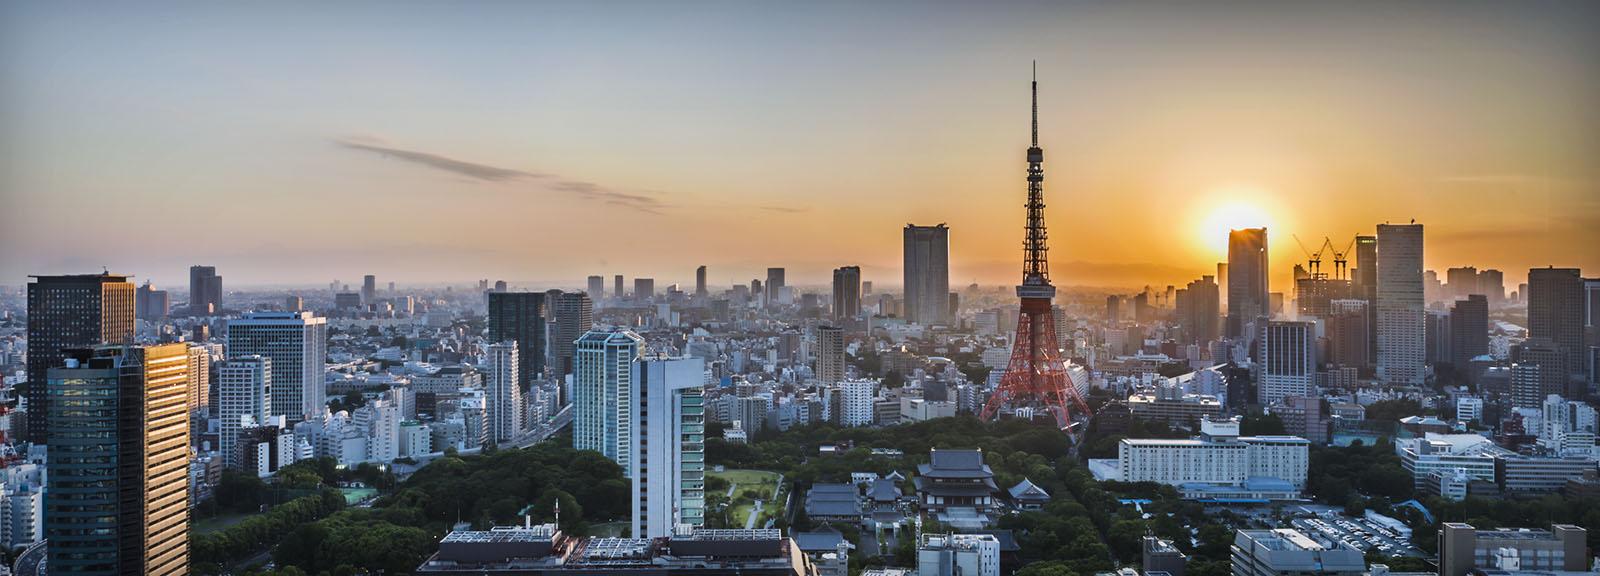 tokyo sunset 1